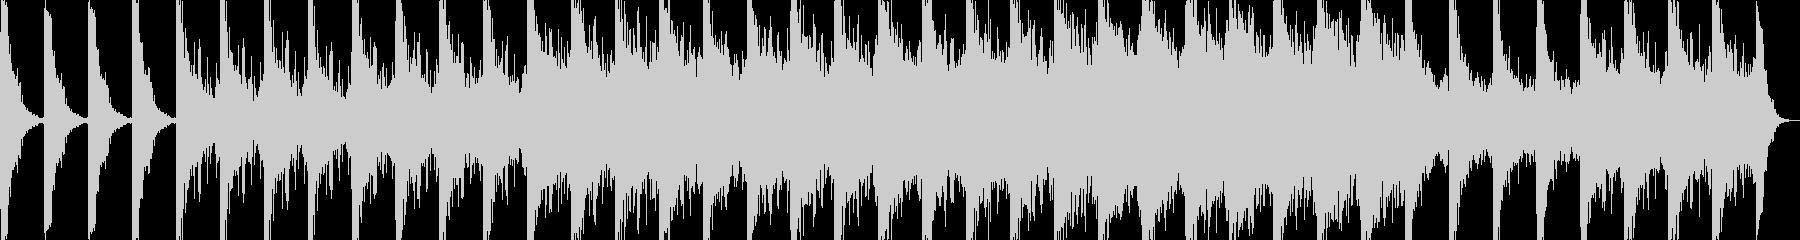 映画音楽、シネマティック映像向け-13の未再生の波形